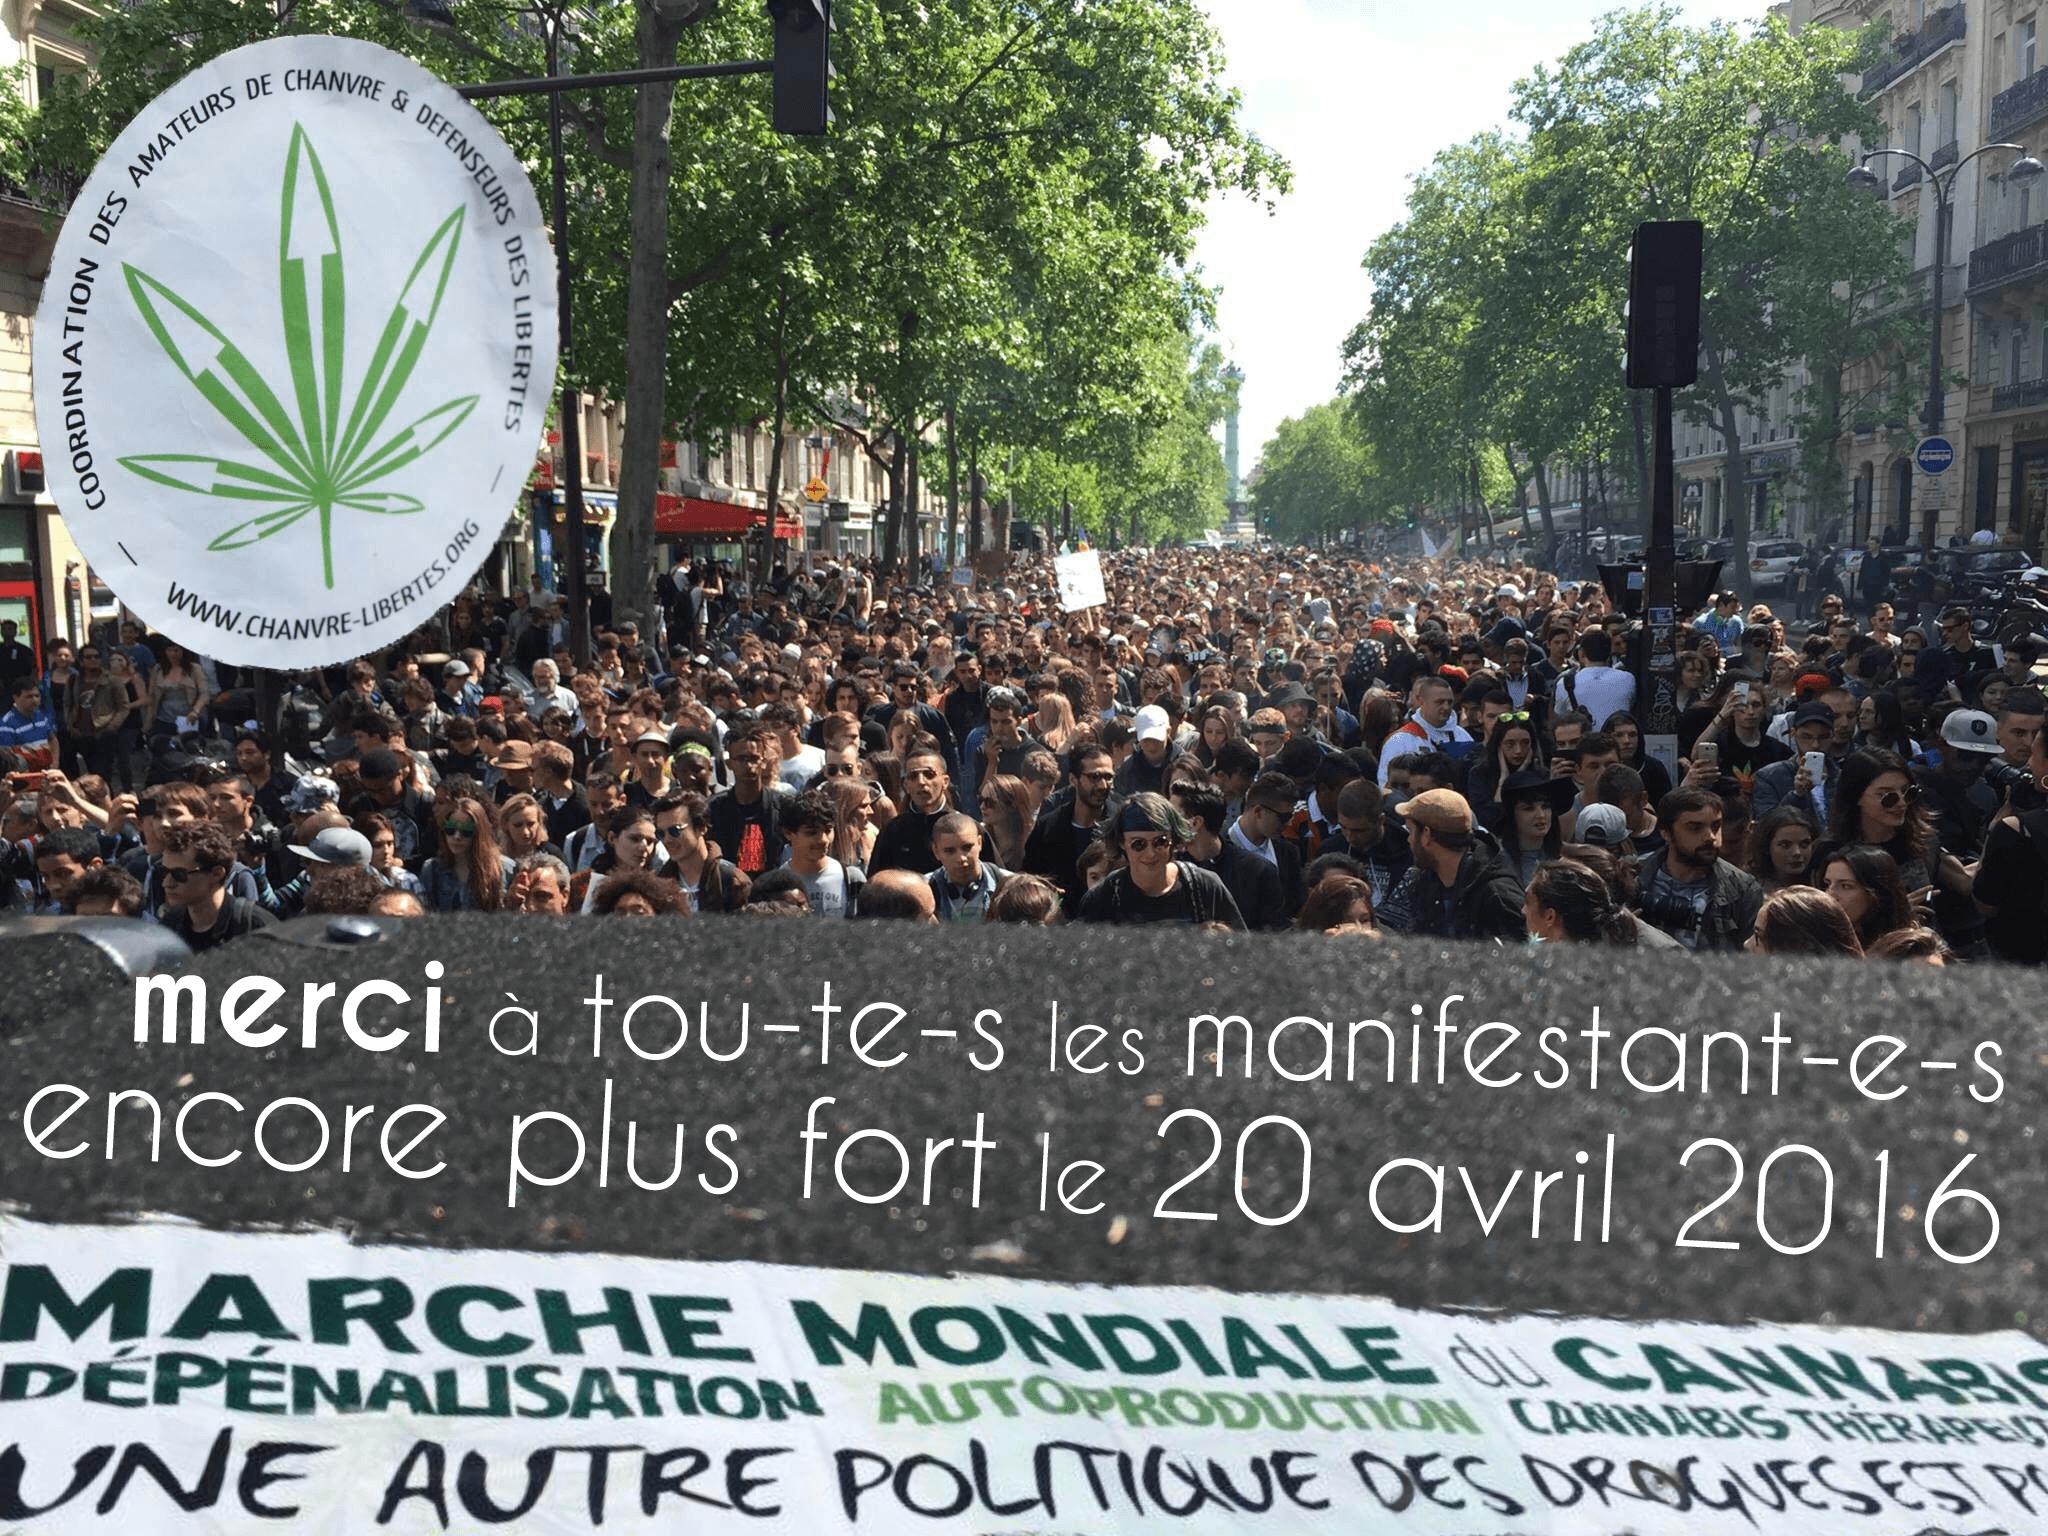 Marche Mondiale du Cannabis 2015 : un bilan encourageant